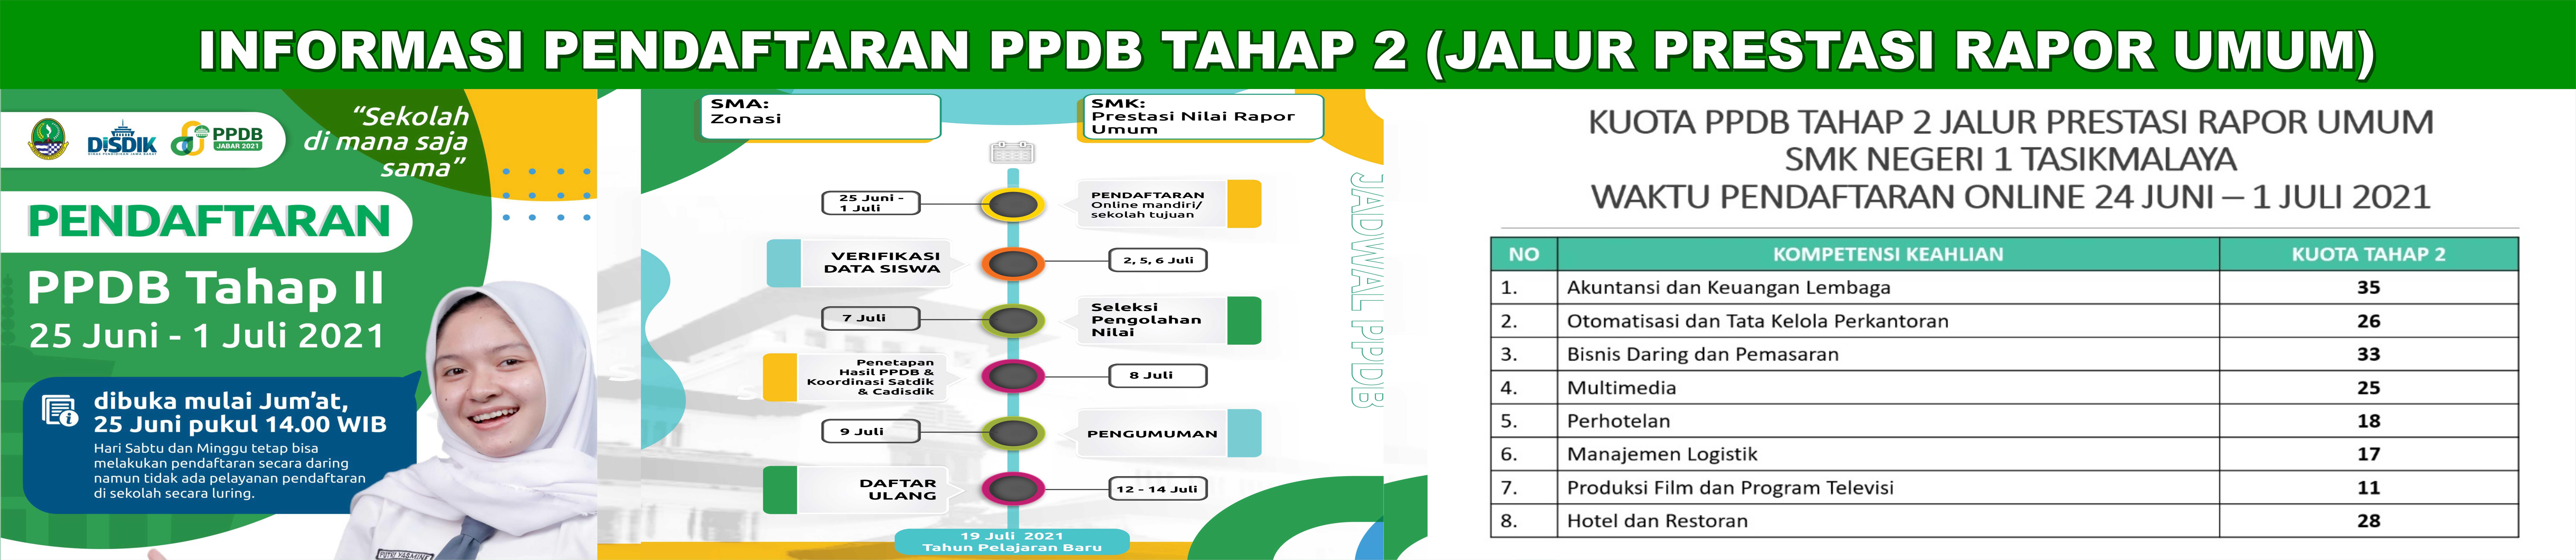 INFORMASI PPDB TAHAP 2